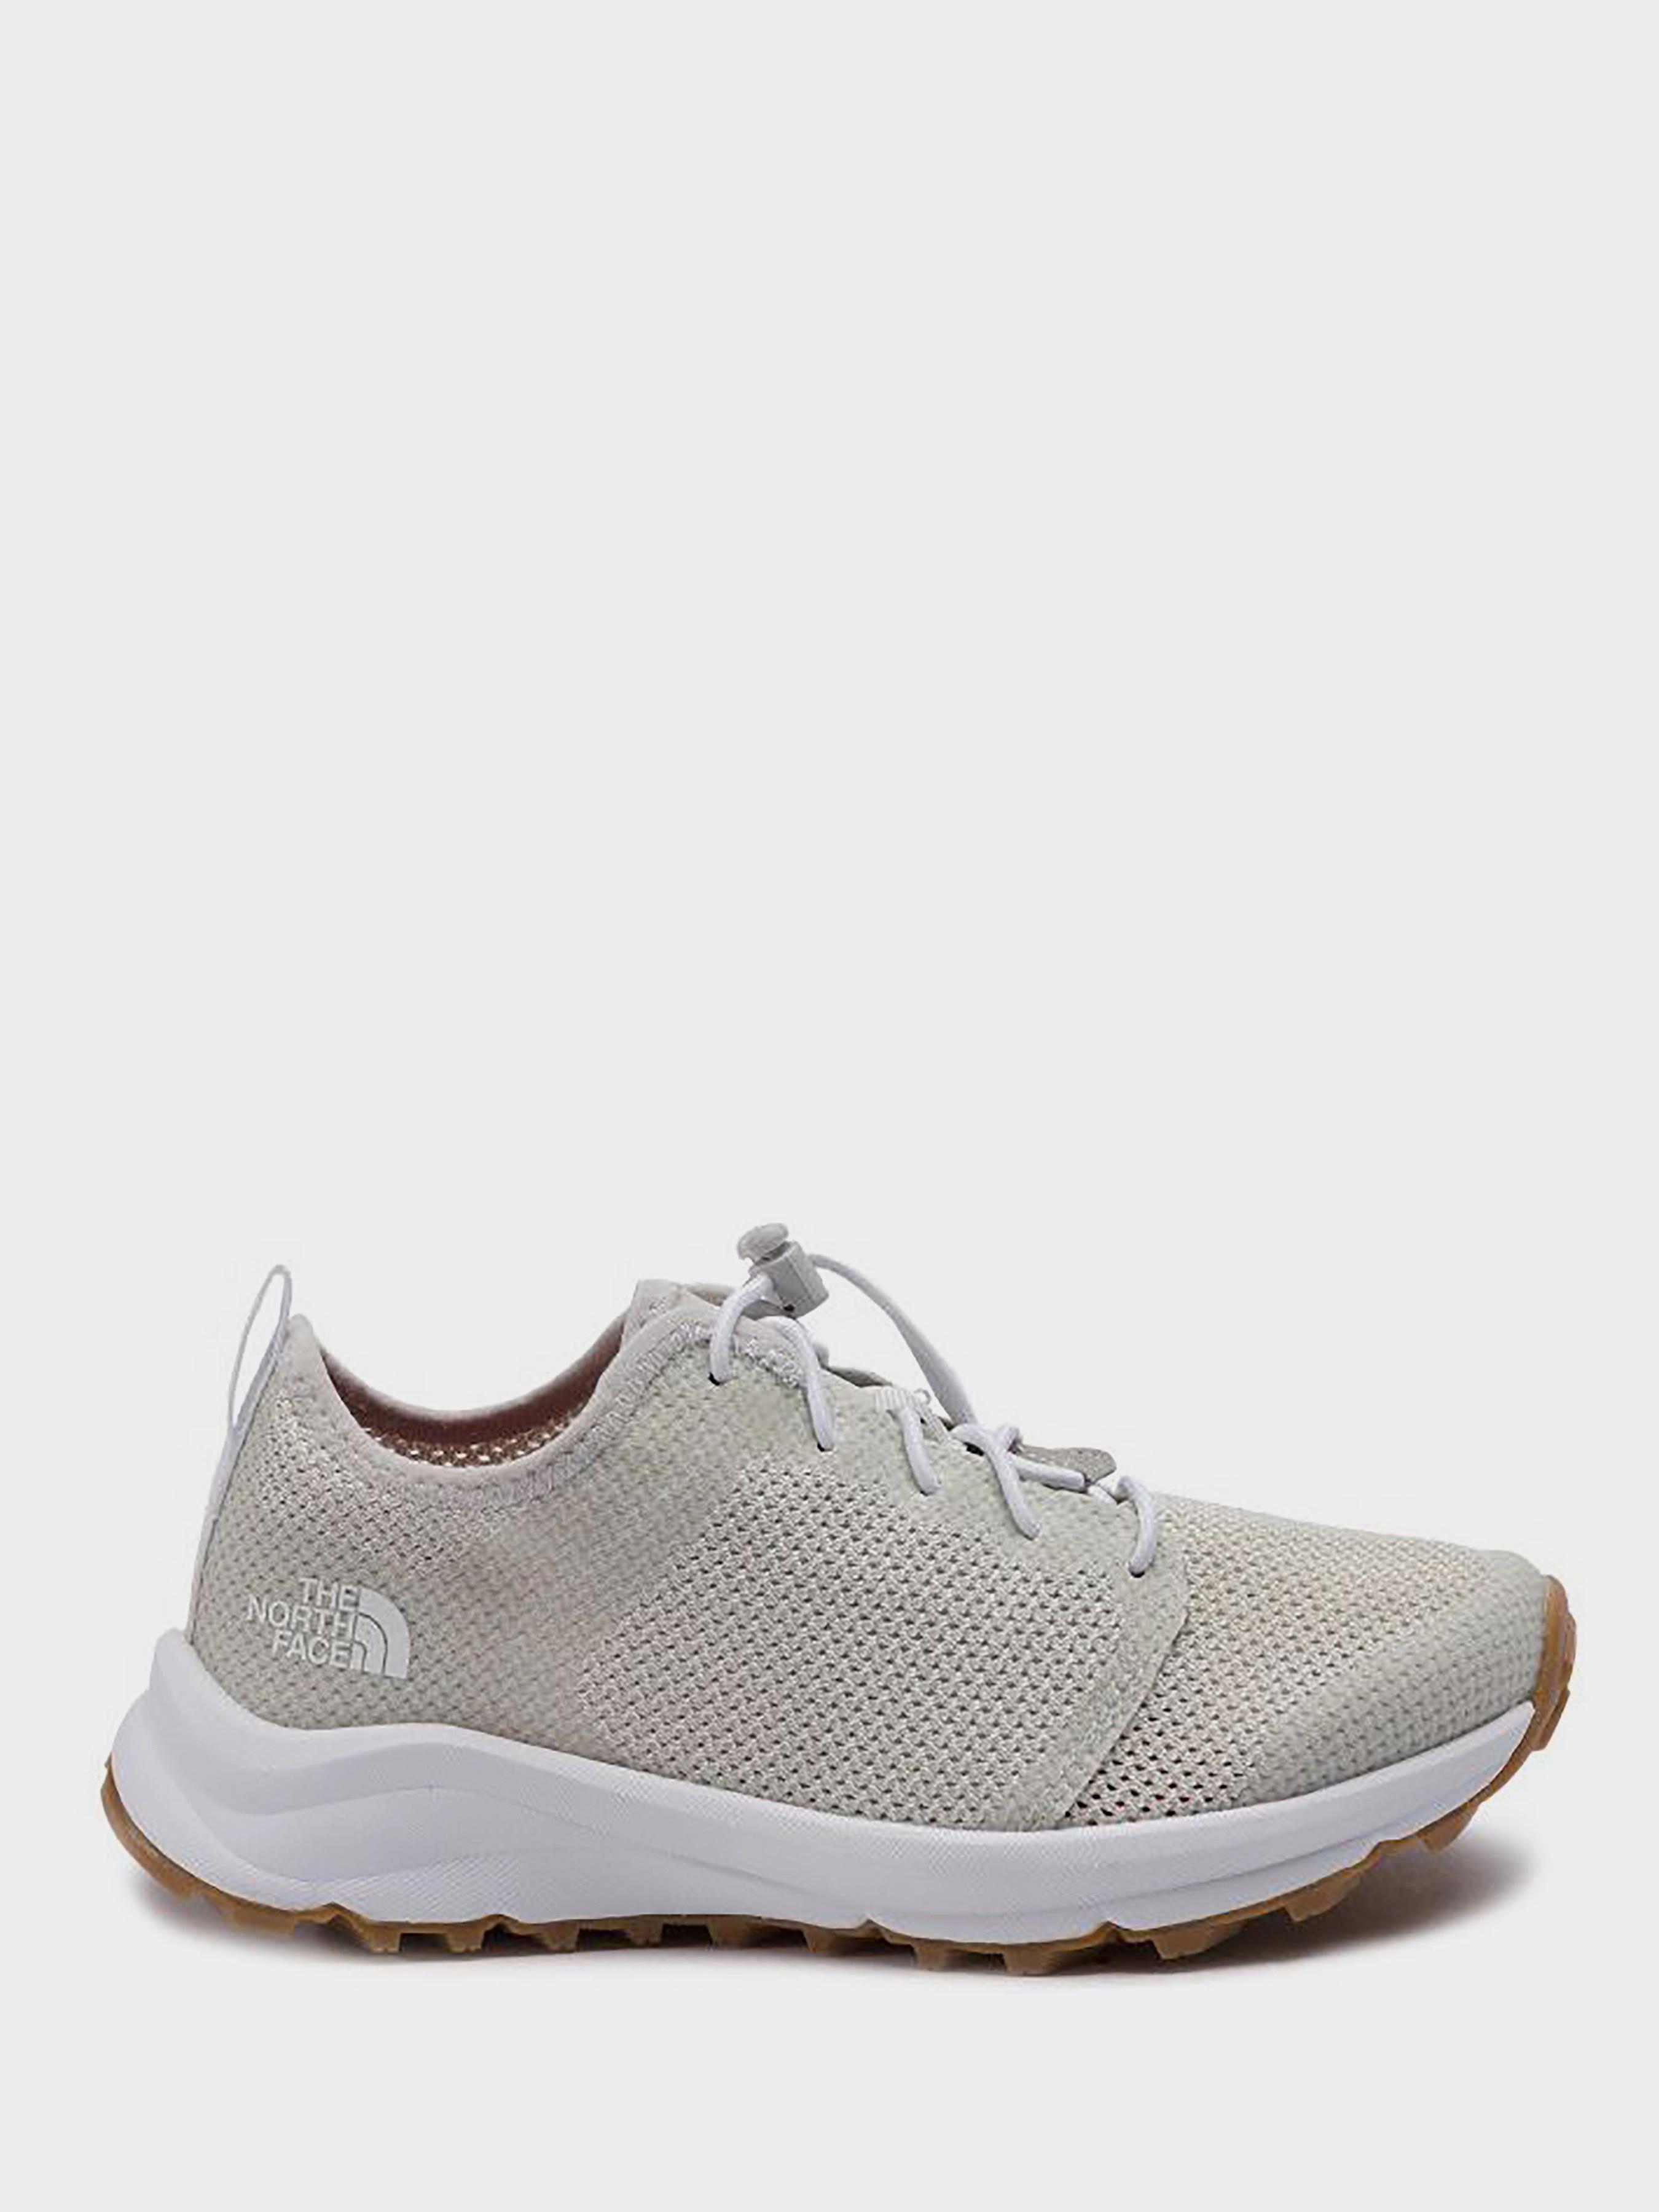 Кроссовки для женщин The North Face LTWAVE FLOLACE 2 NO9725 размерная сетка обуви, 2017